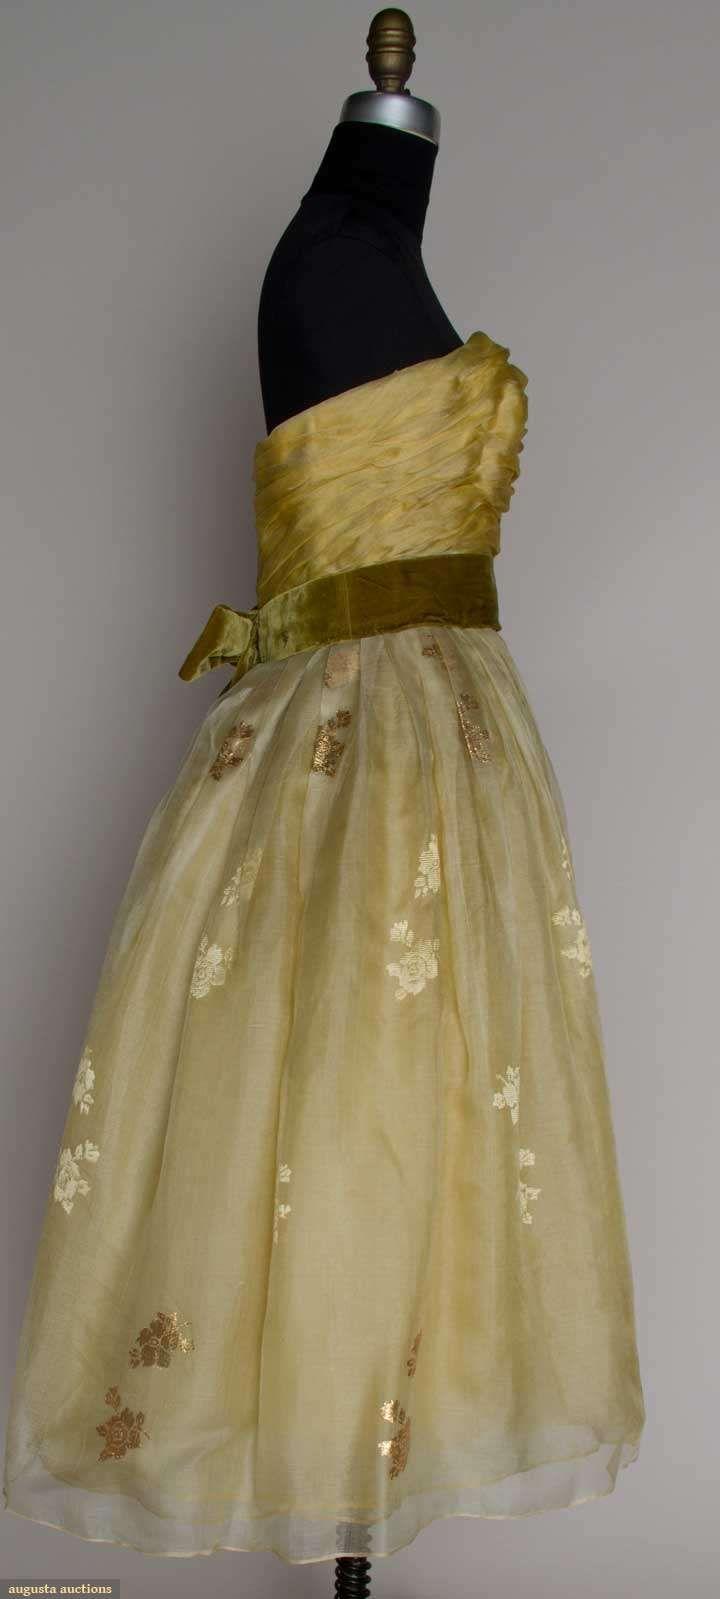 JACQUES HEIM PARTY DRESS, c. 1958